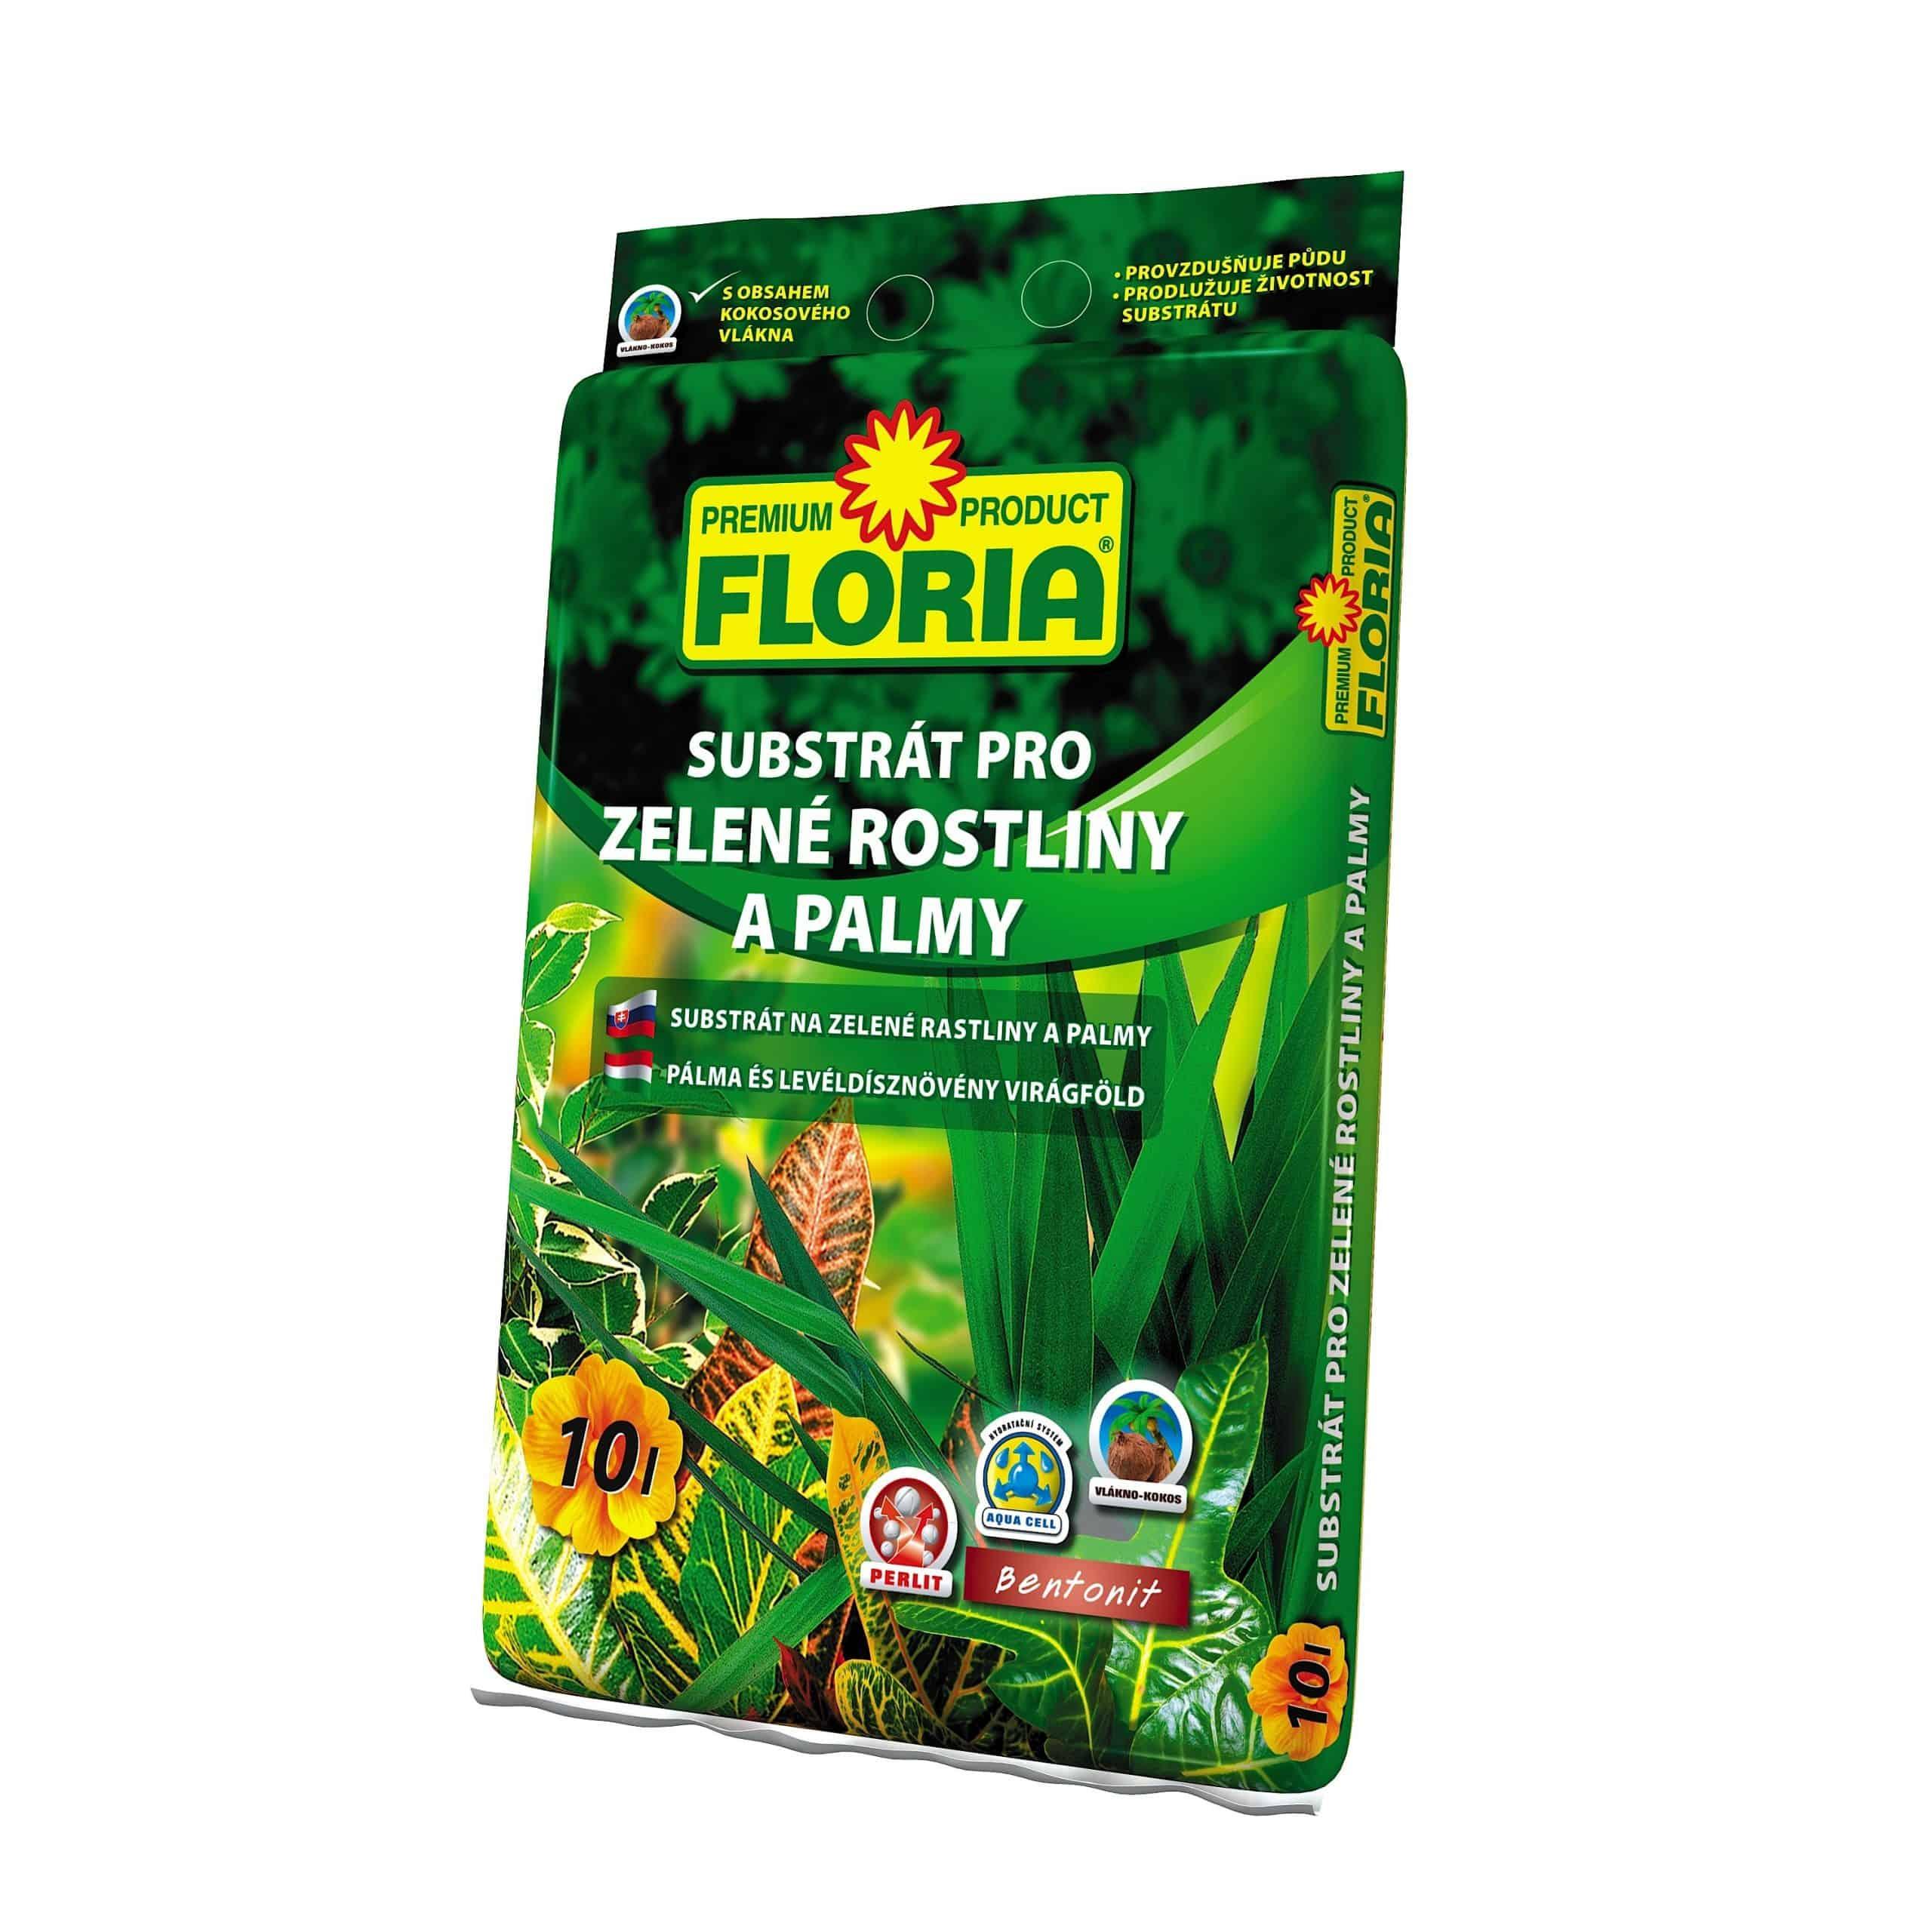 FLORIA Substrát na zelené rastliny a palmy 10l